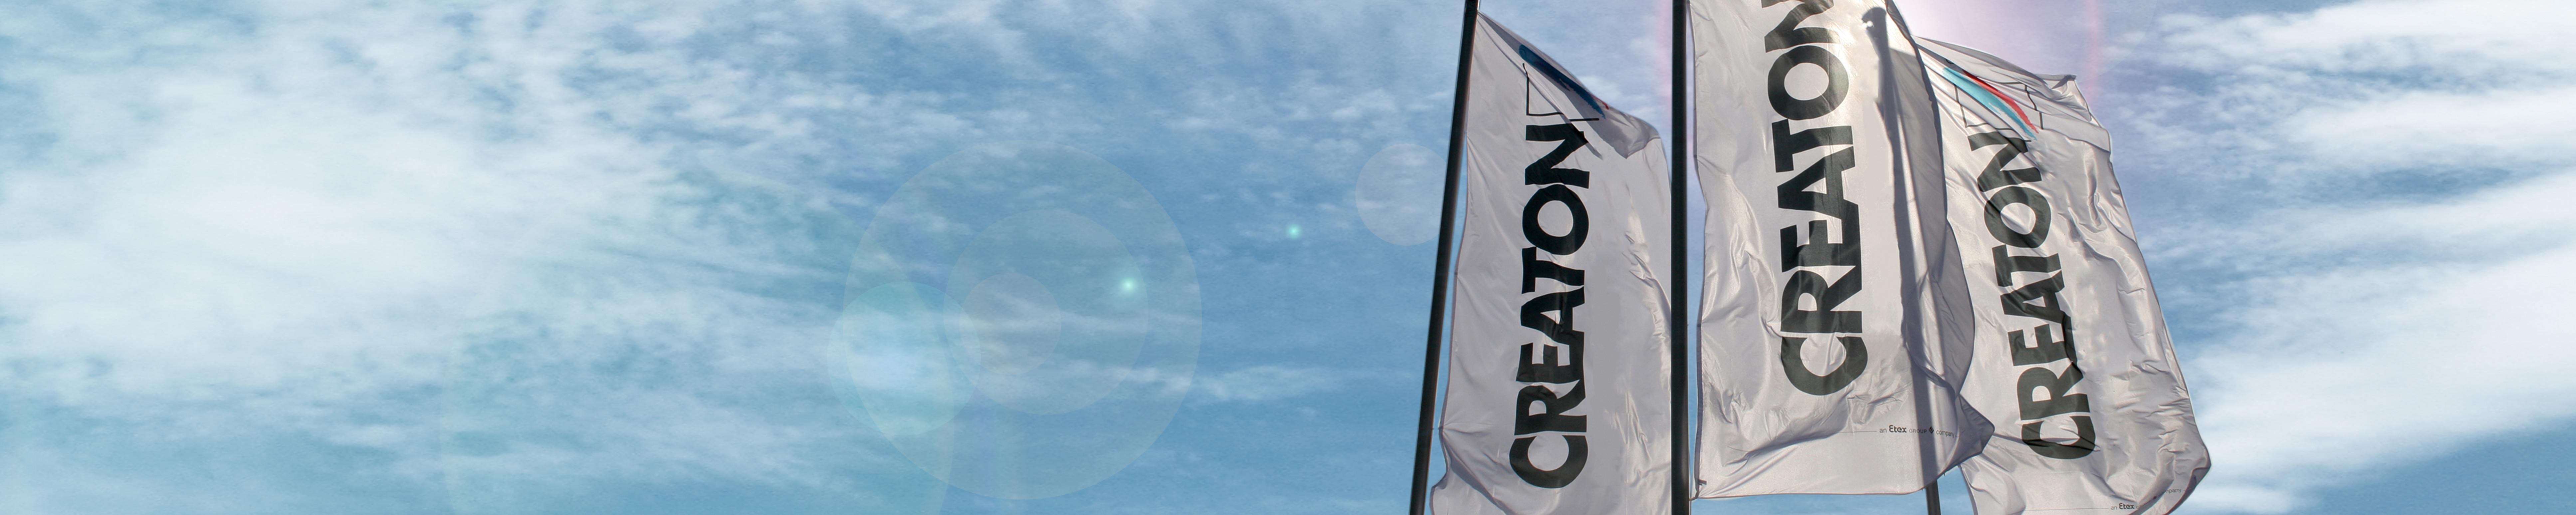 CREATON Flaggen mit blauem Himmel